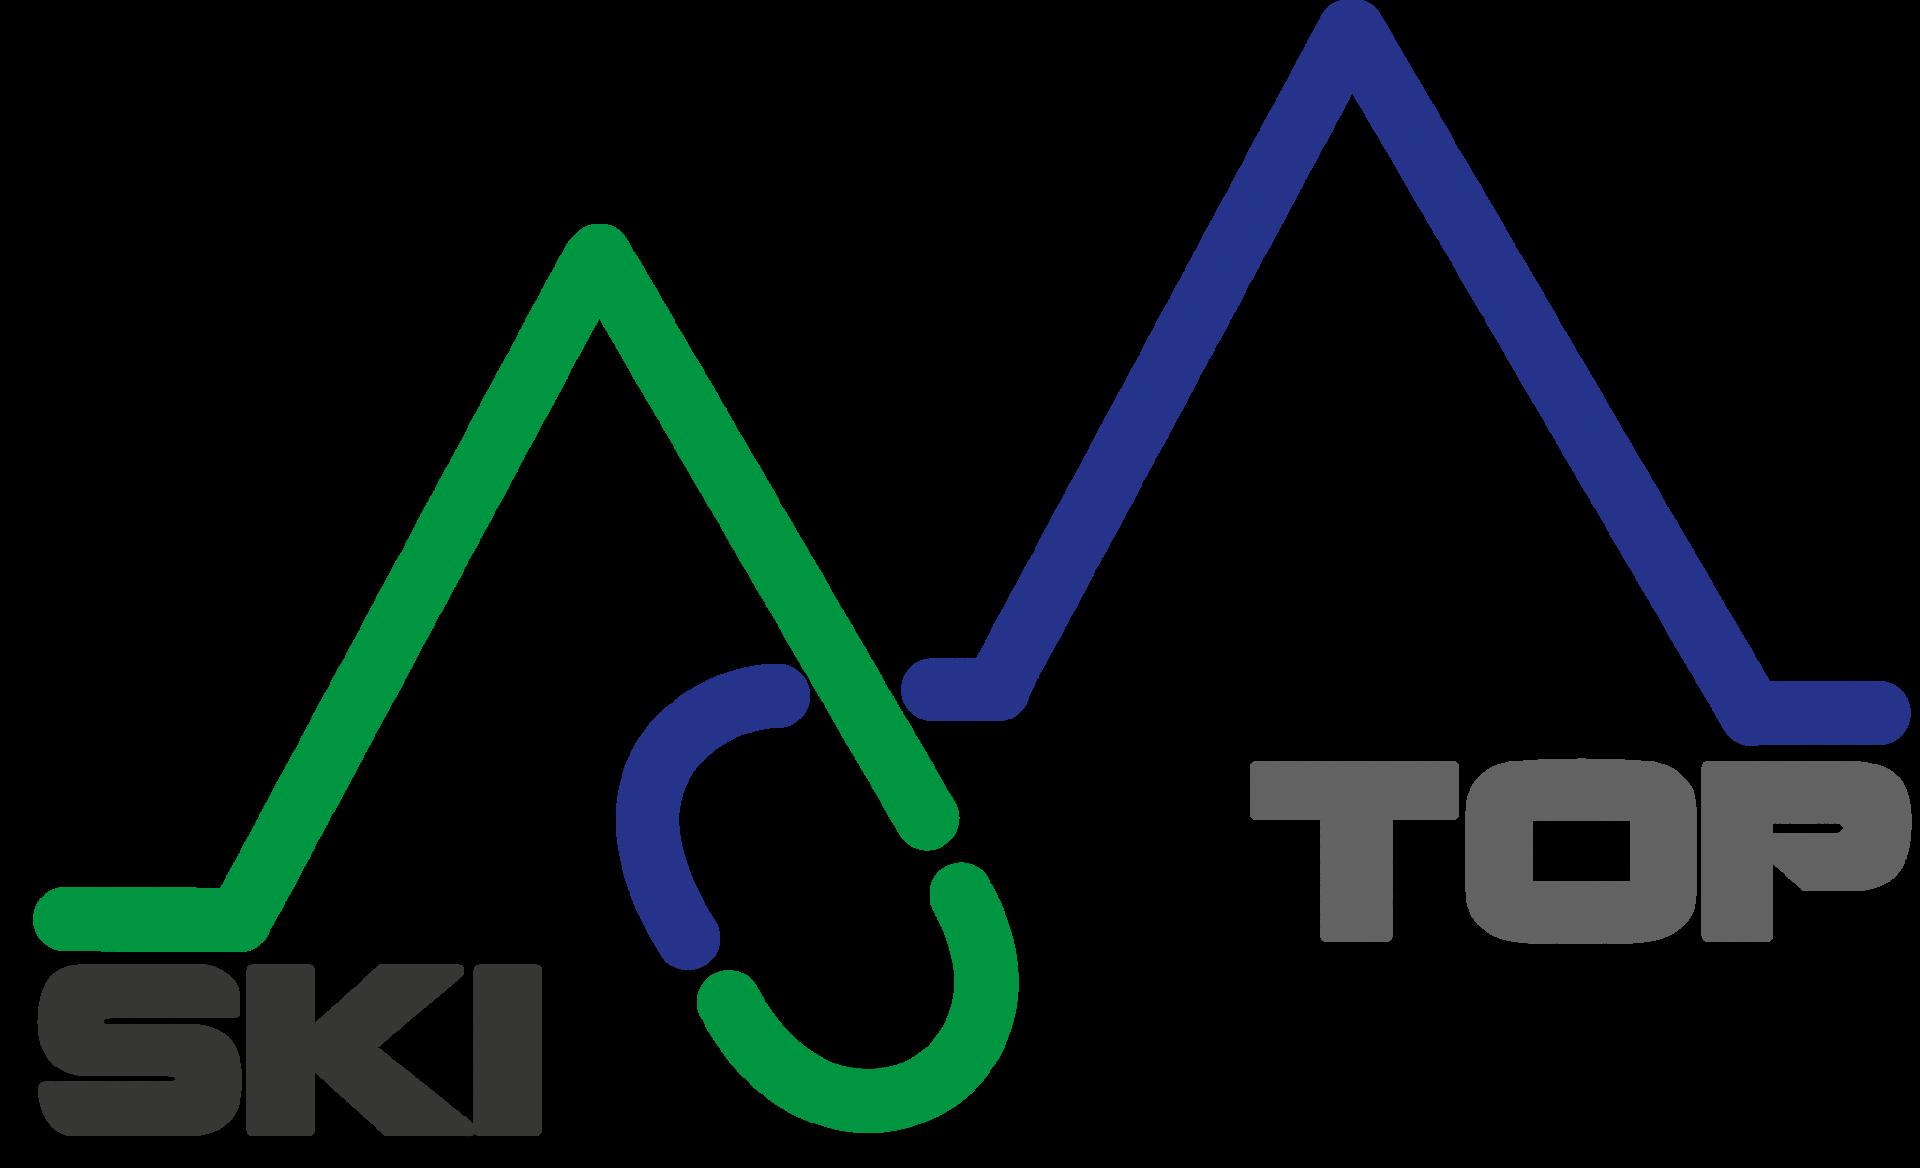 Ski top logo